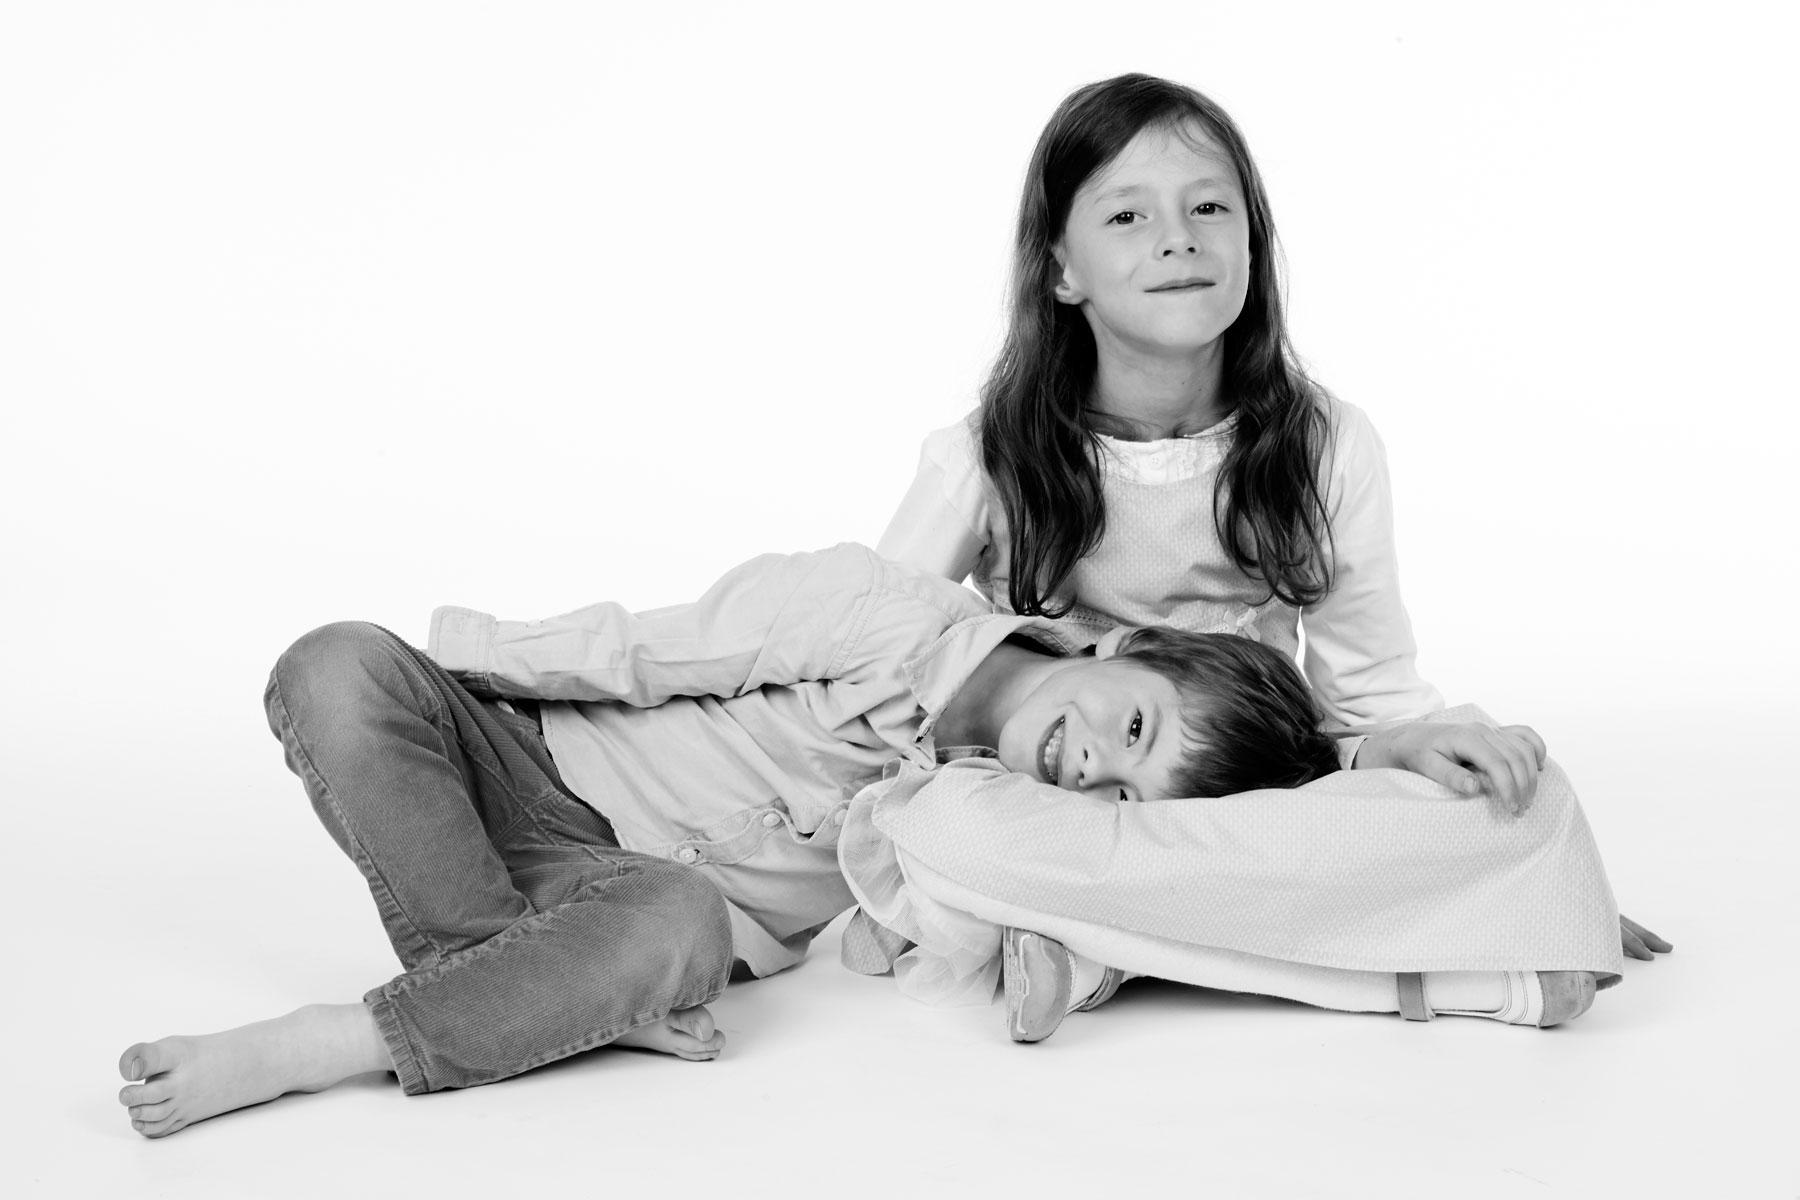 Familienfotos von Geschwistern